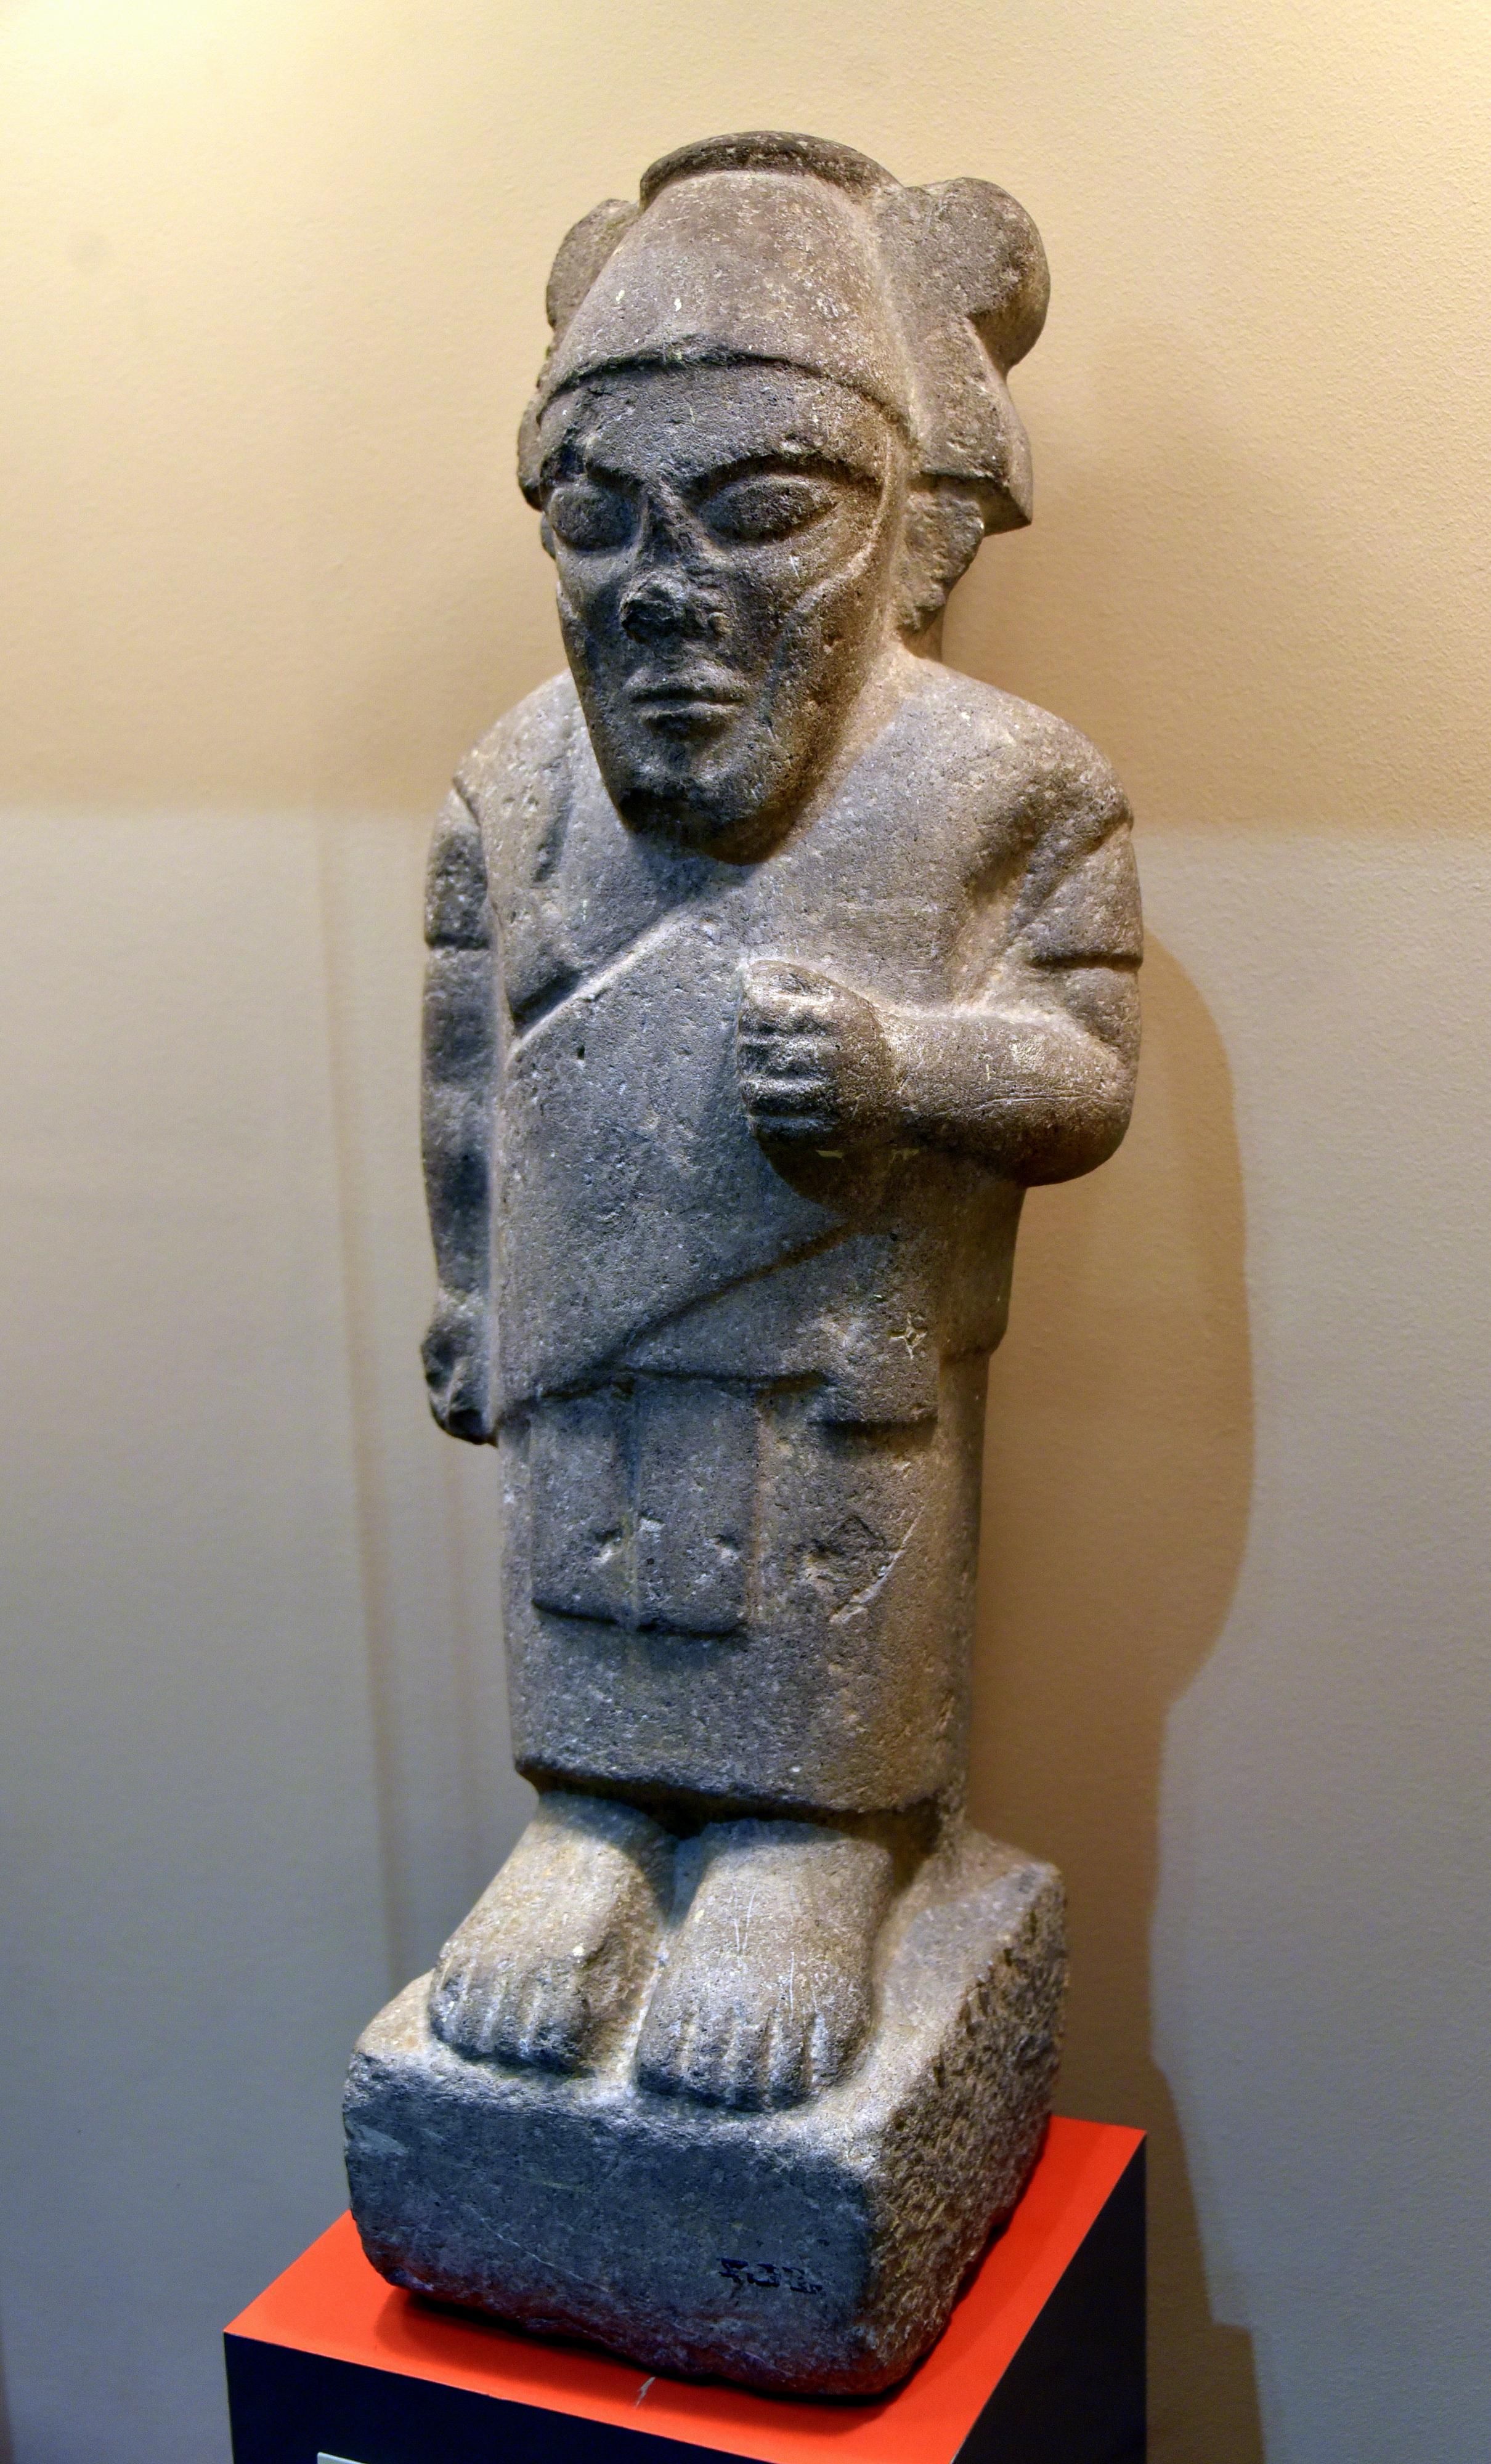 上图:从约旦安曼城堡(Amman Citadel)出土的一个主前8世纪亚扪王雕像。